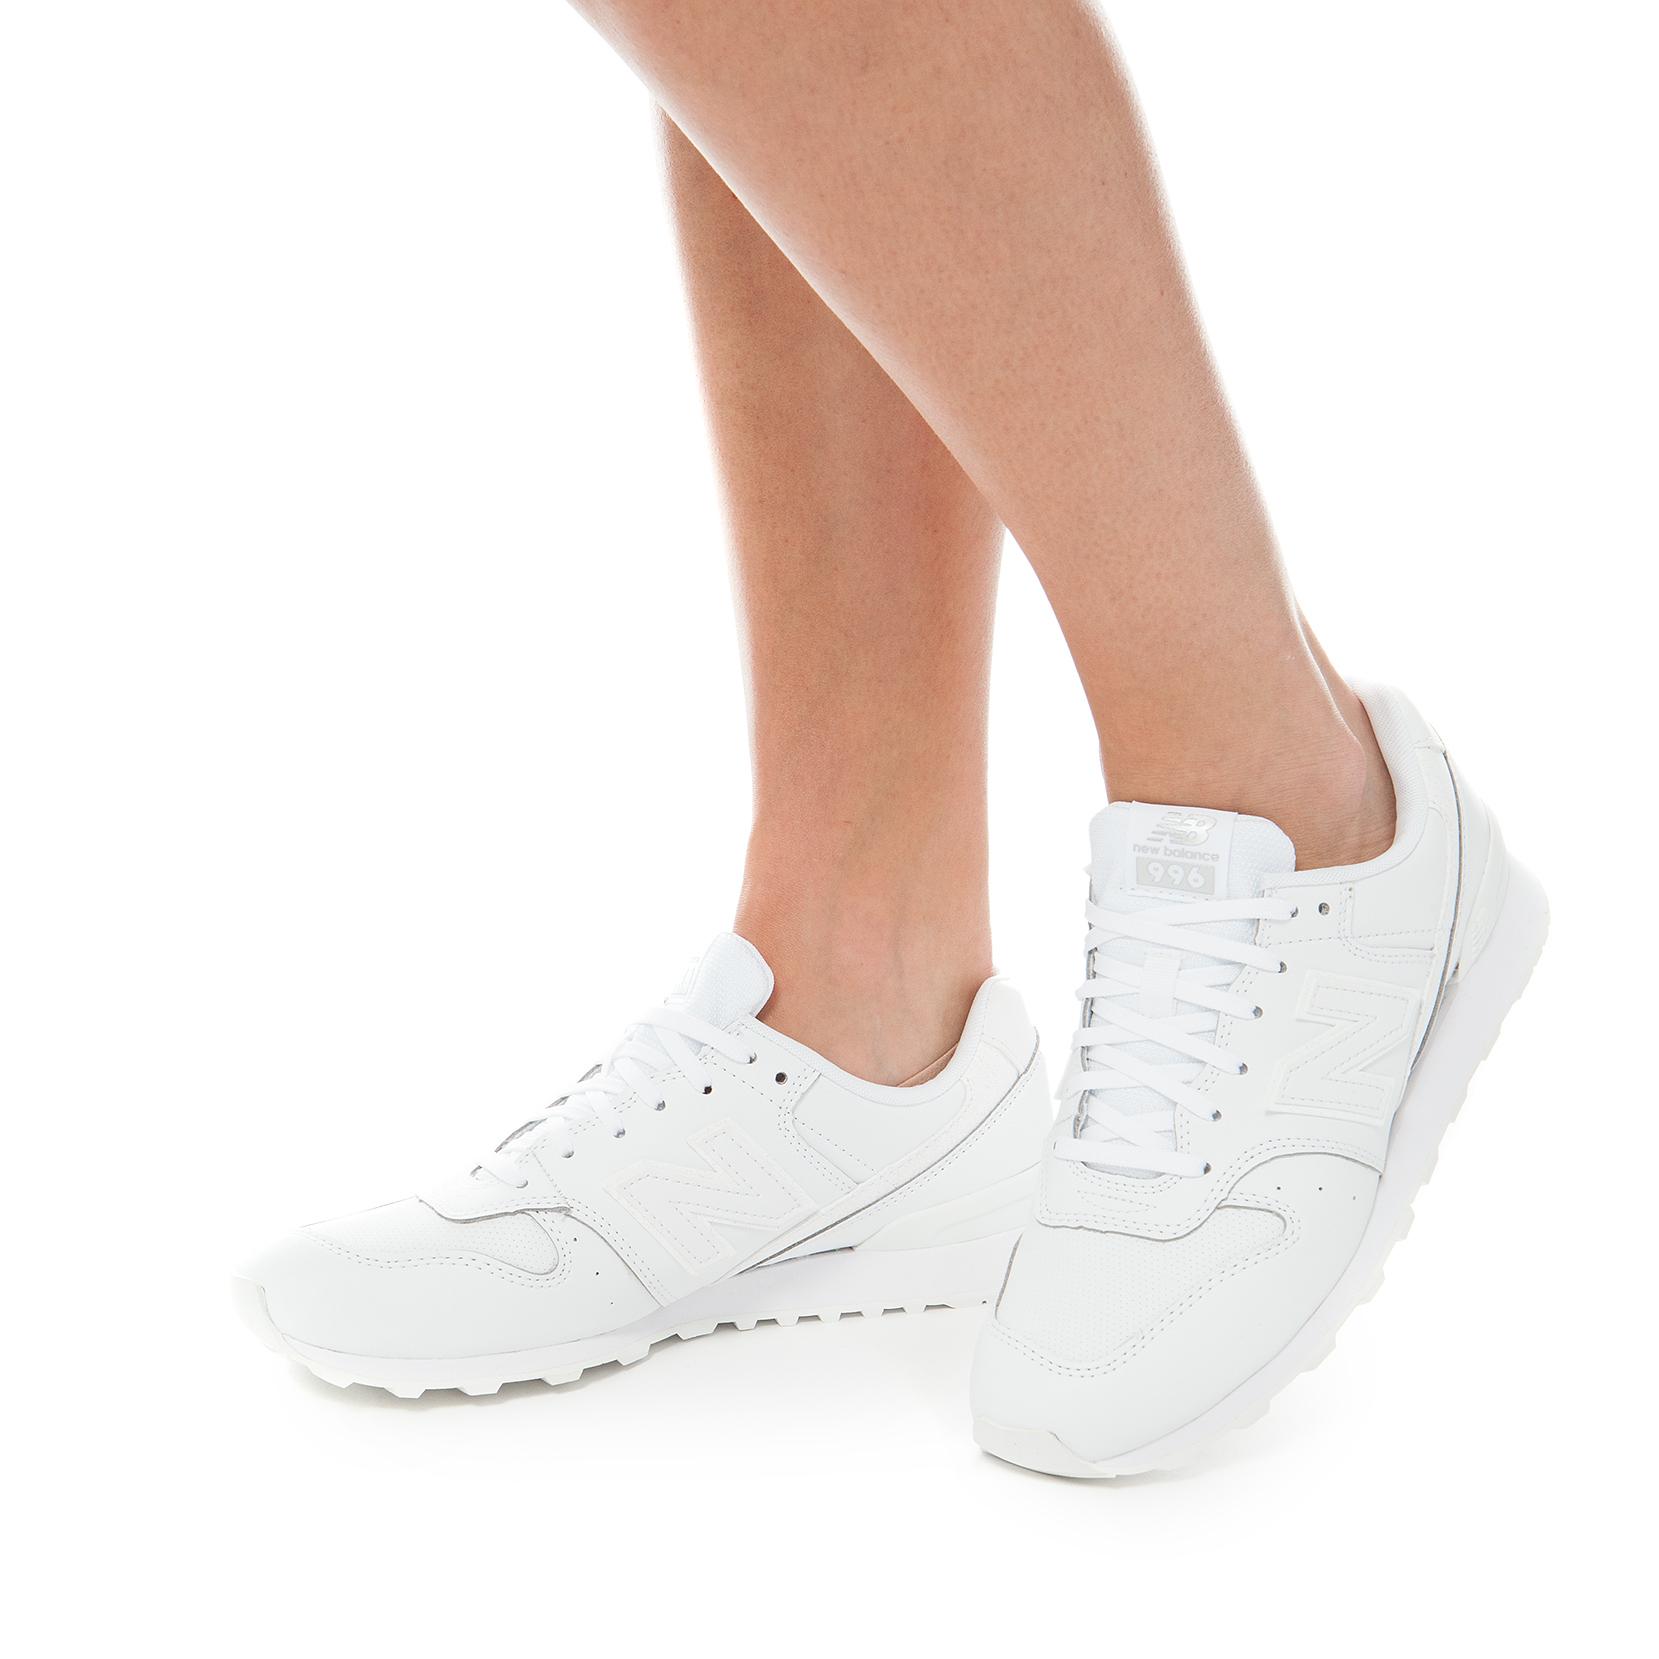 Жіноче взуття повсякденне New Balance 996 WR996SRW | New Balance